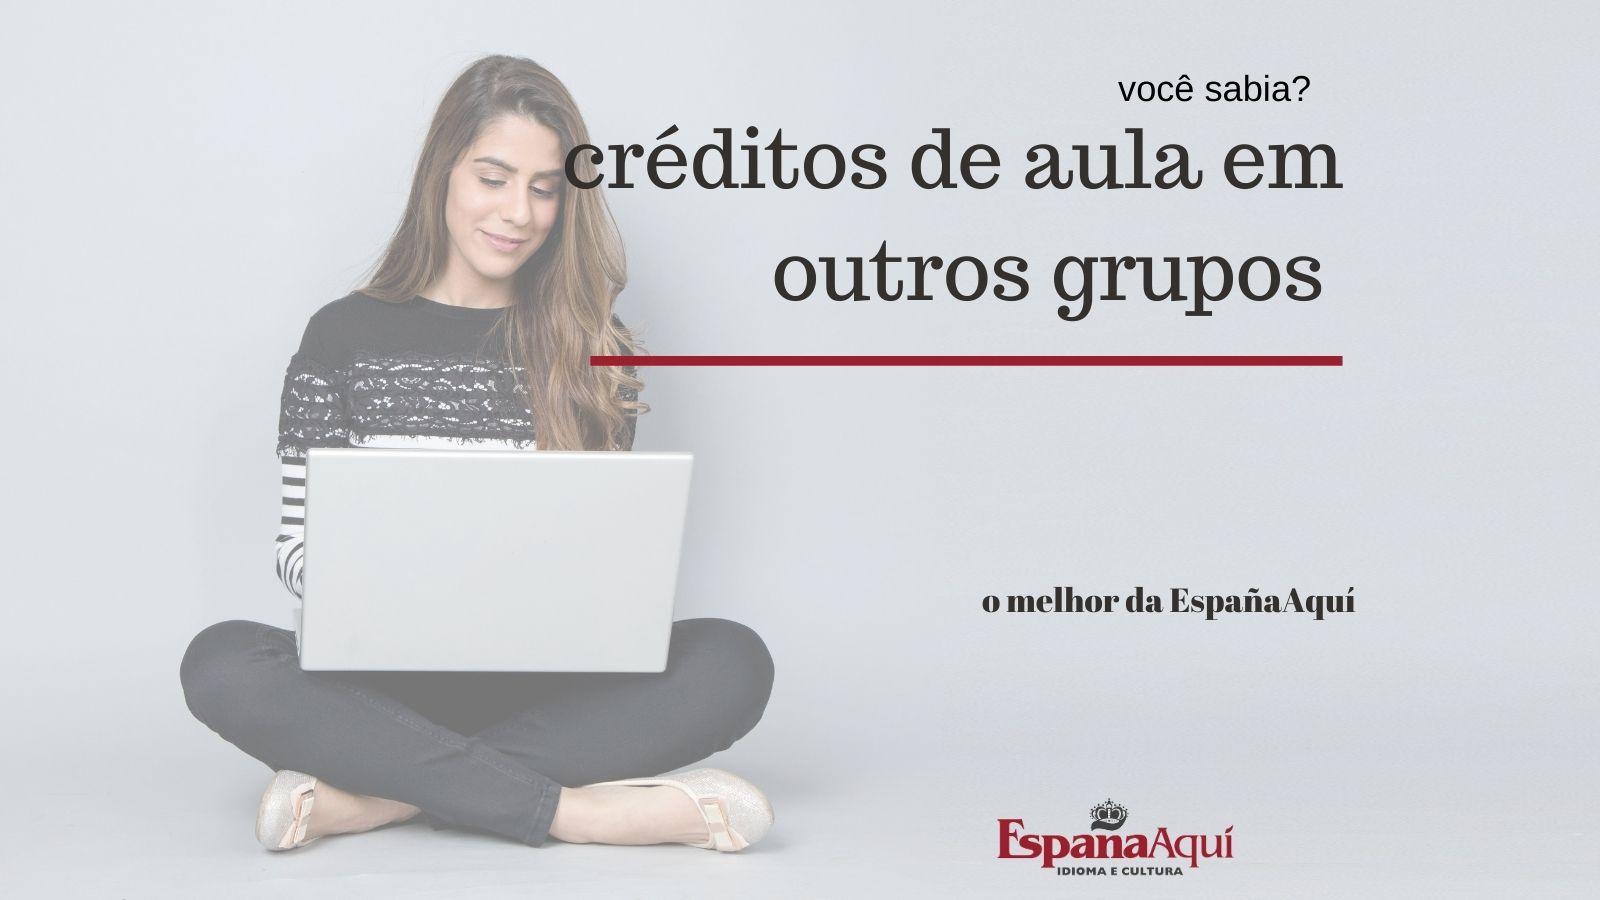 http://www.espanaaqui.com.br/pdf/fevereiro%202021/C%c3%b3pia%20de%20cr%c3%a9ditos%20de%20aula.jpg